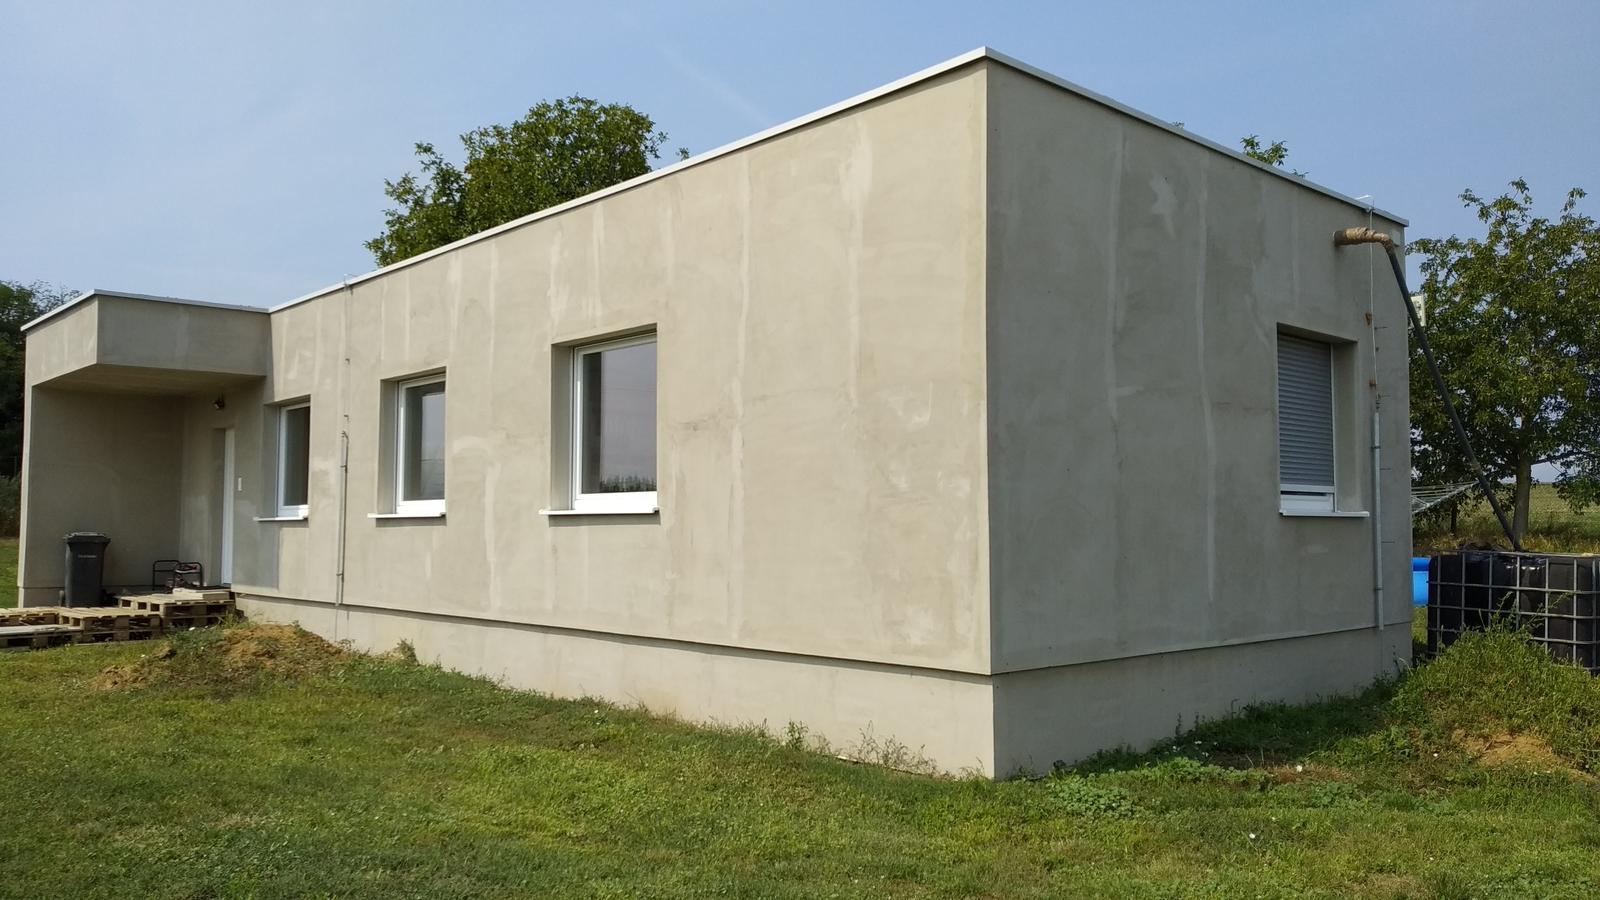 Kontajnerový dom po stieťkovaní - Obrázok č. 2